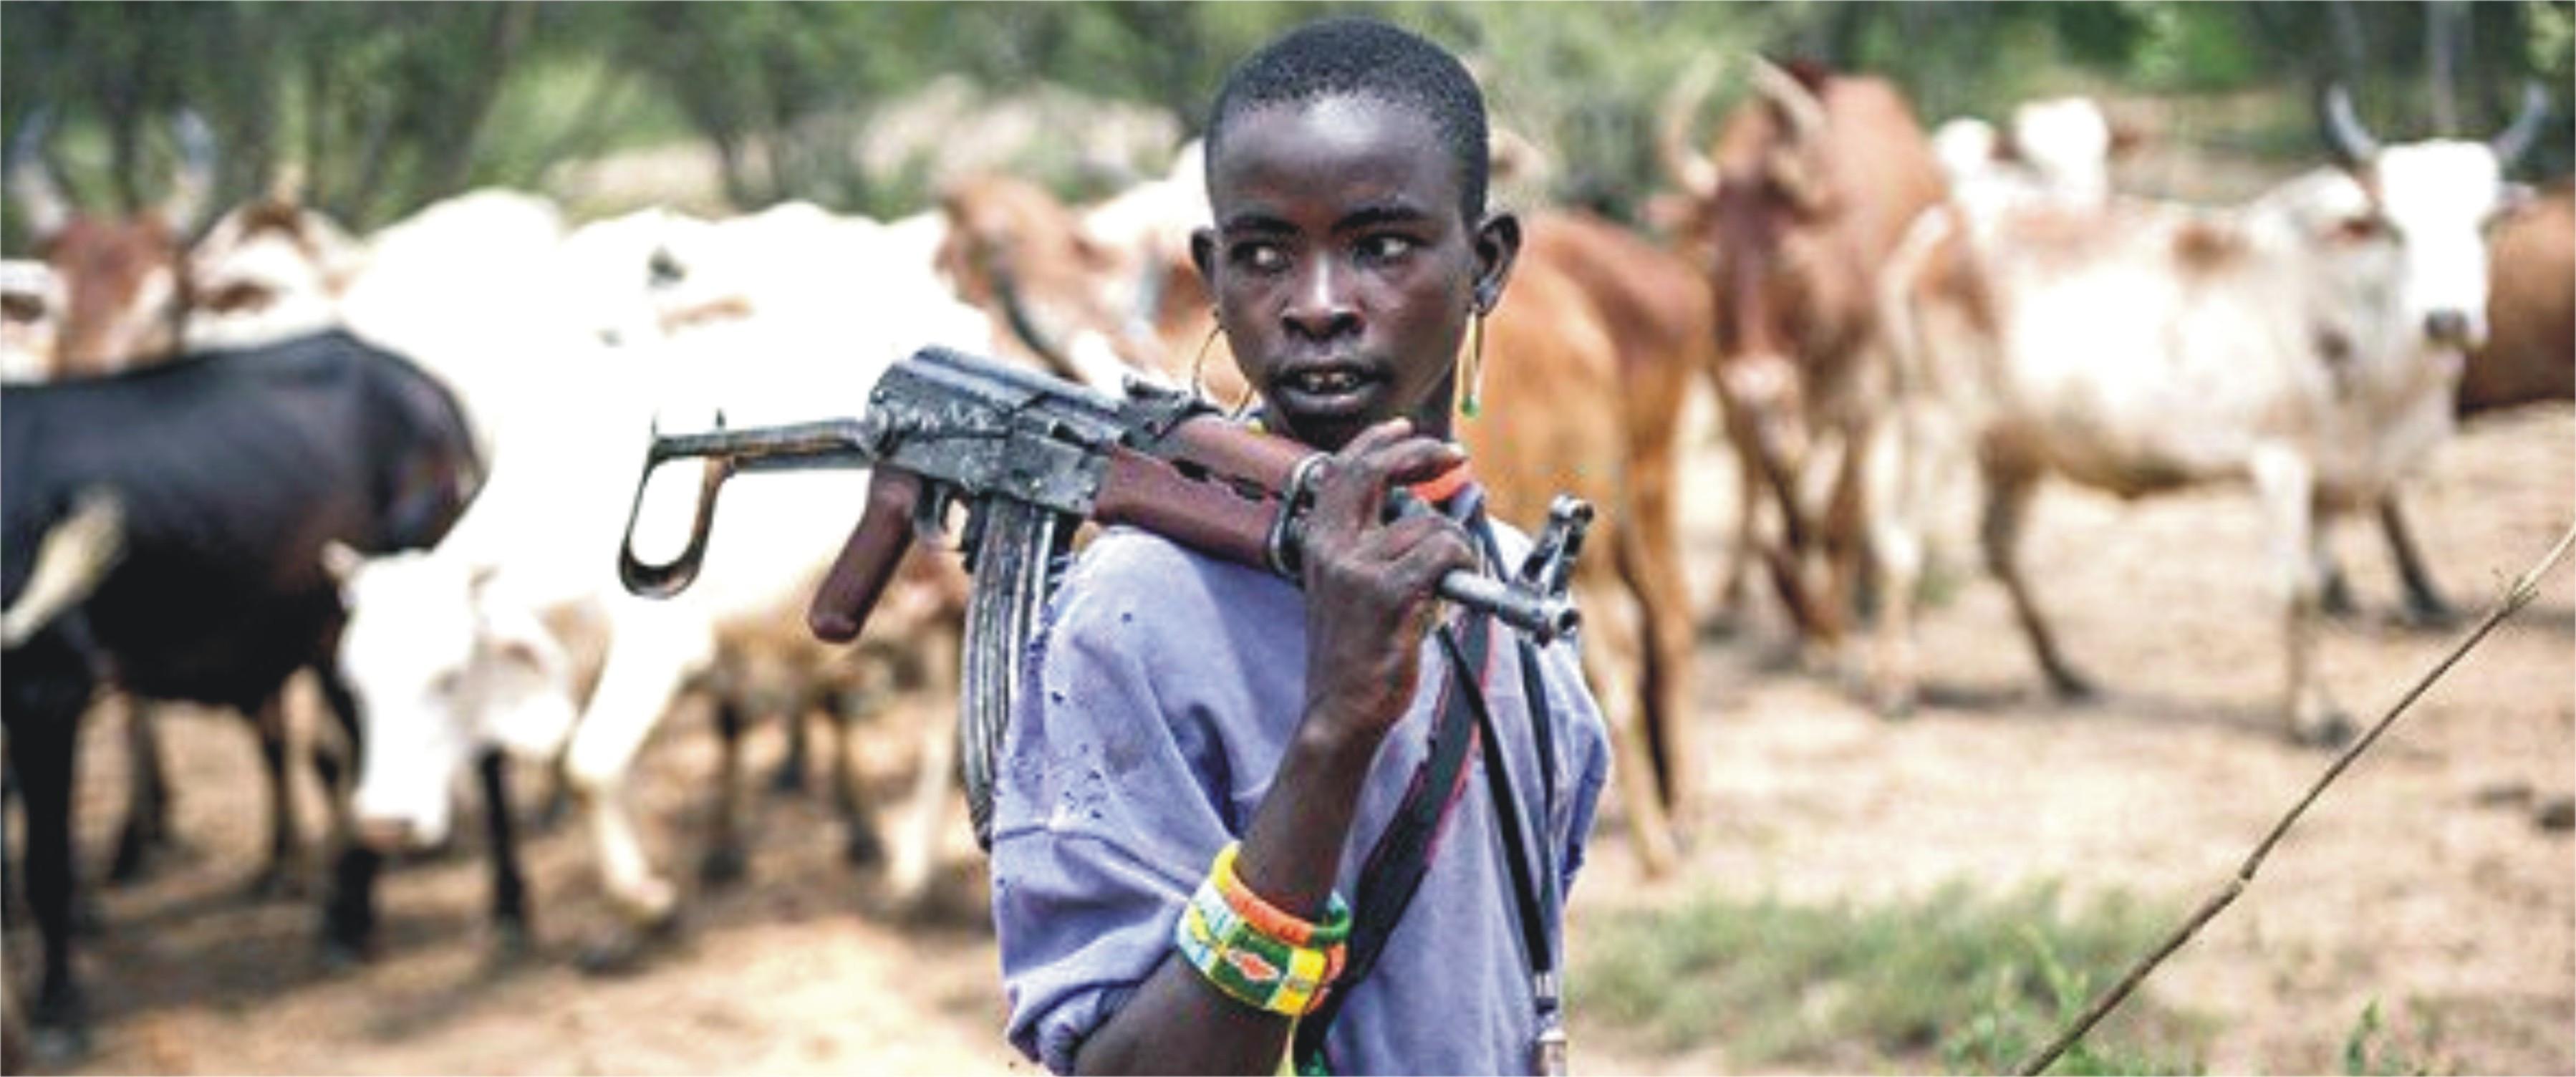 13 feared dead as armed herdsmen invade Benue community